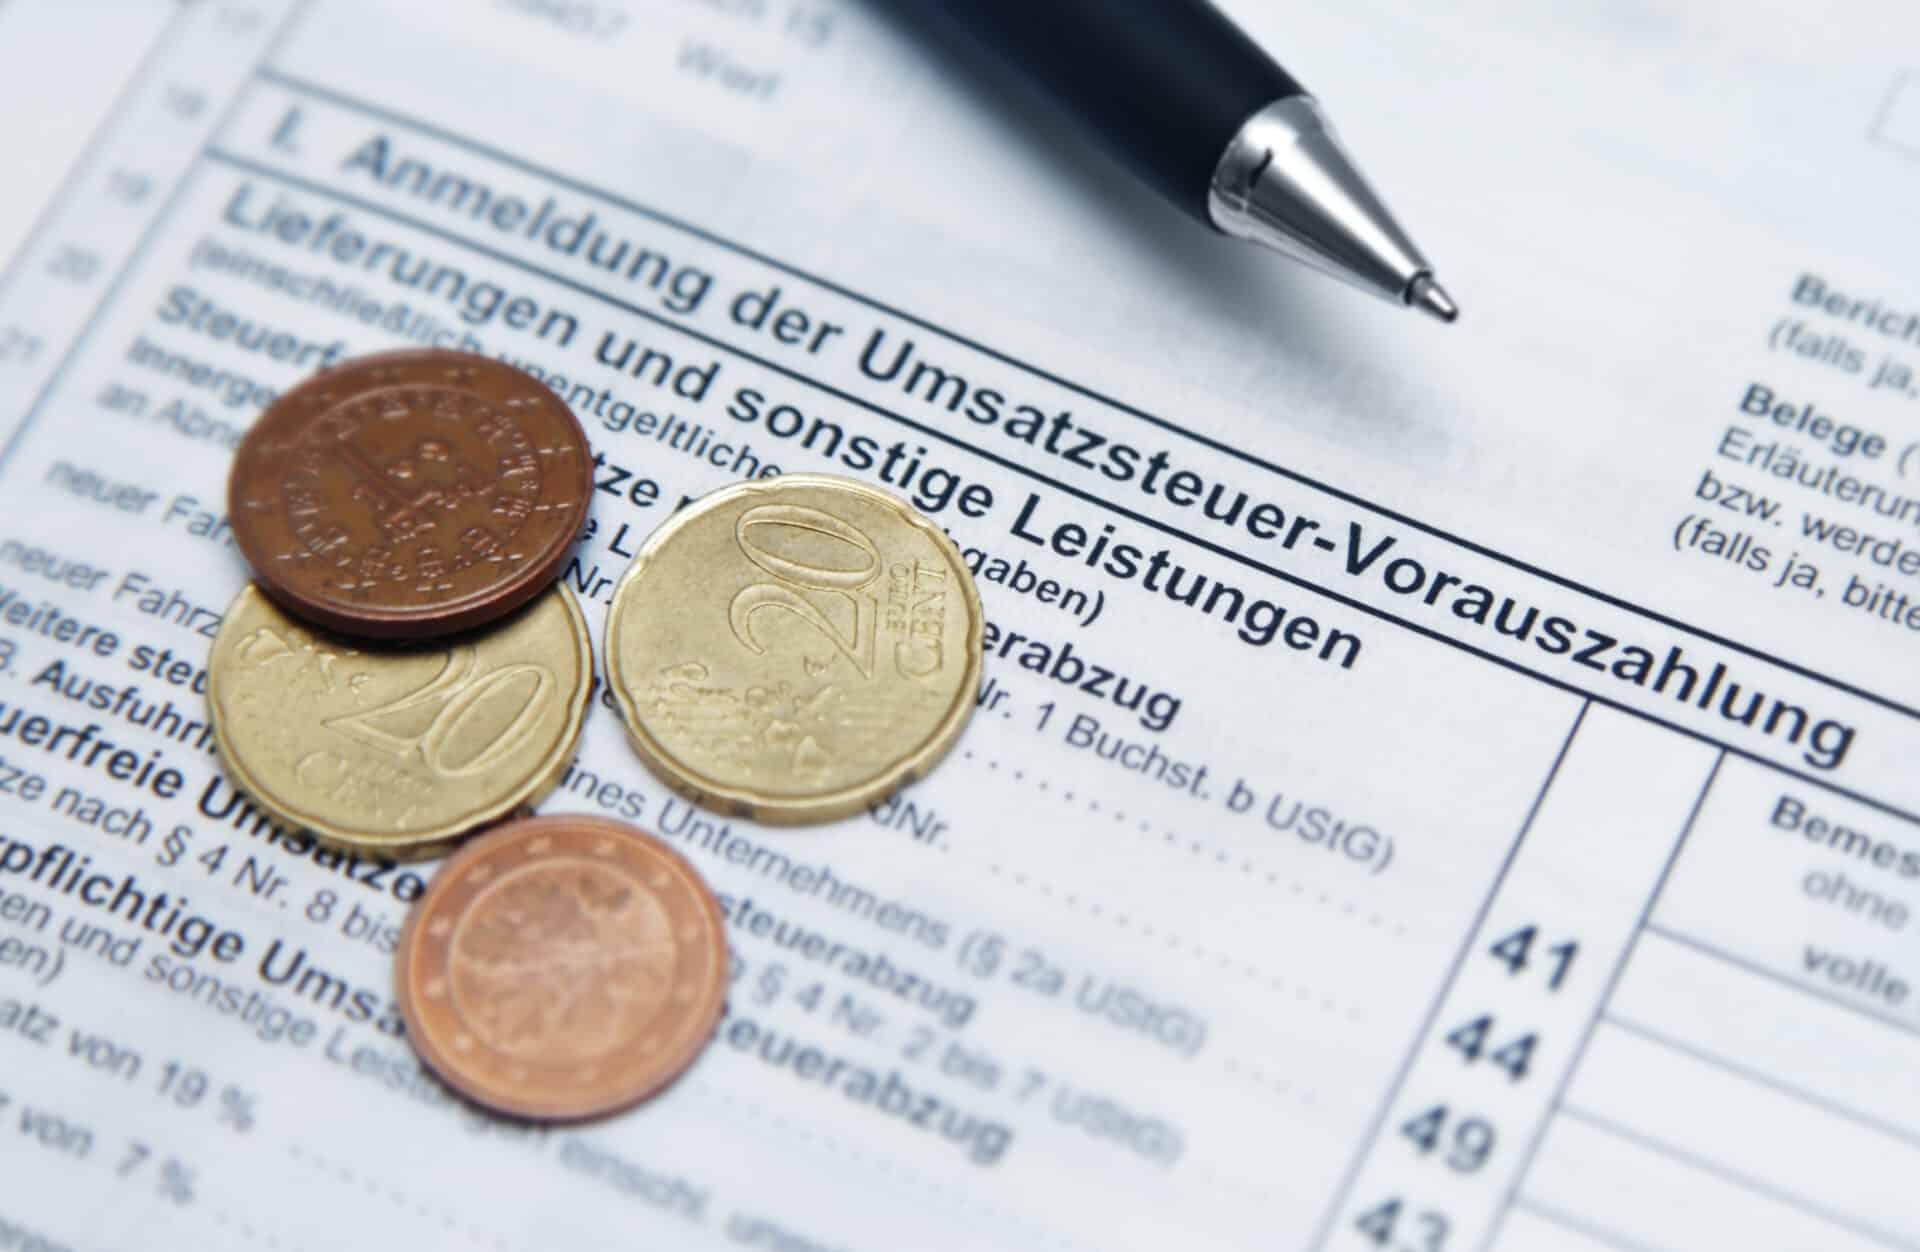 Umsatzsteuer Voranmeldung